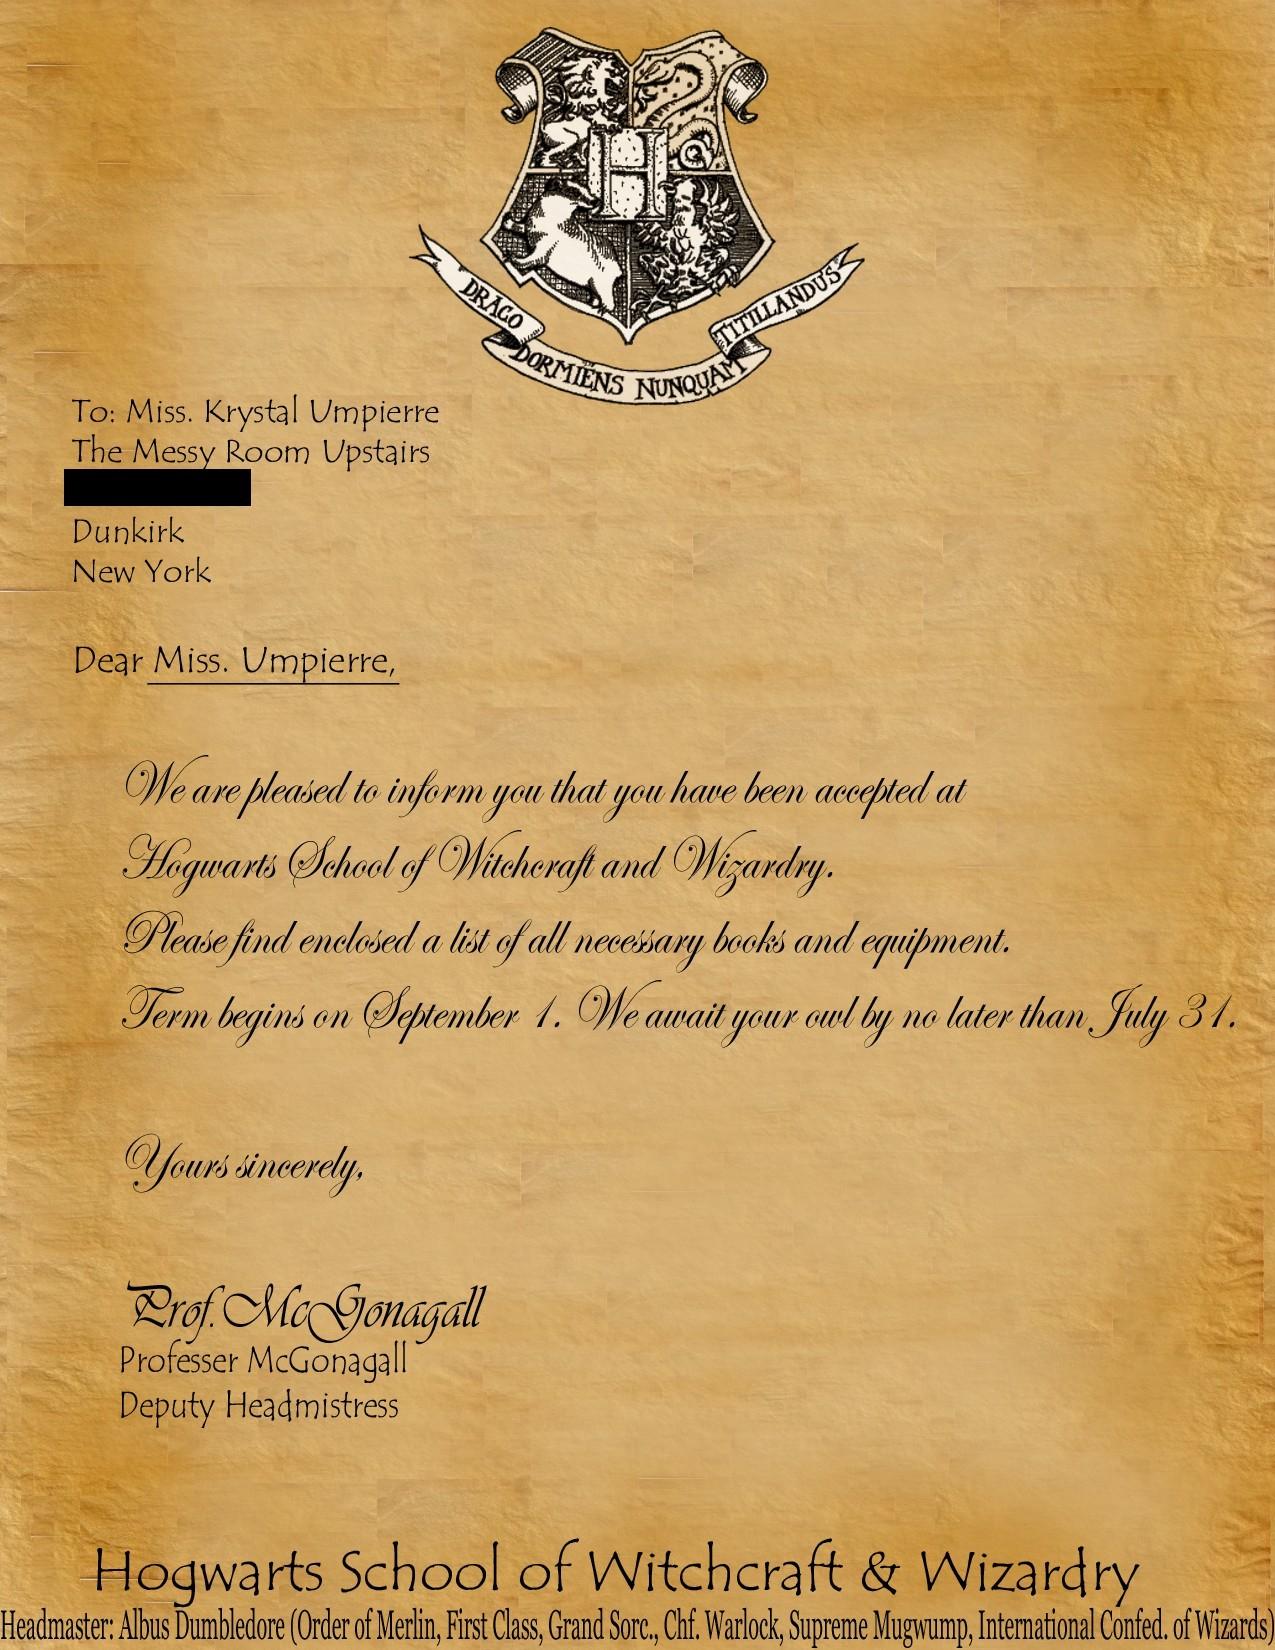 Hogwarts Acceptance Letter Template - Hogwarts Letter Template Free New Harry Potter Hogwarts Acceptance